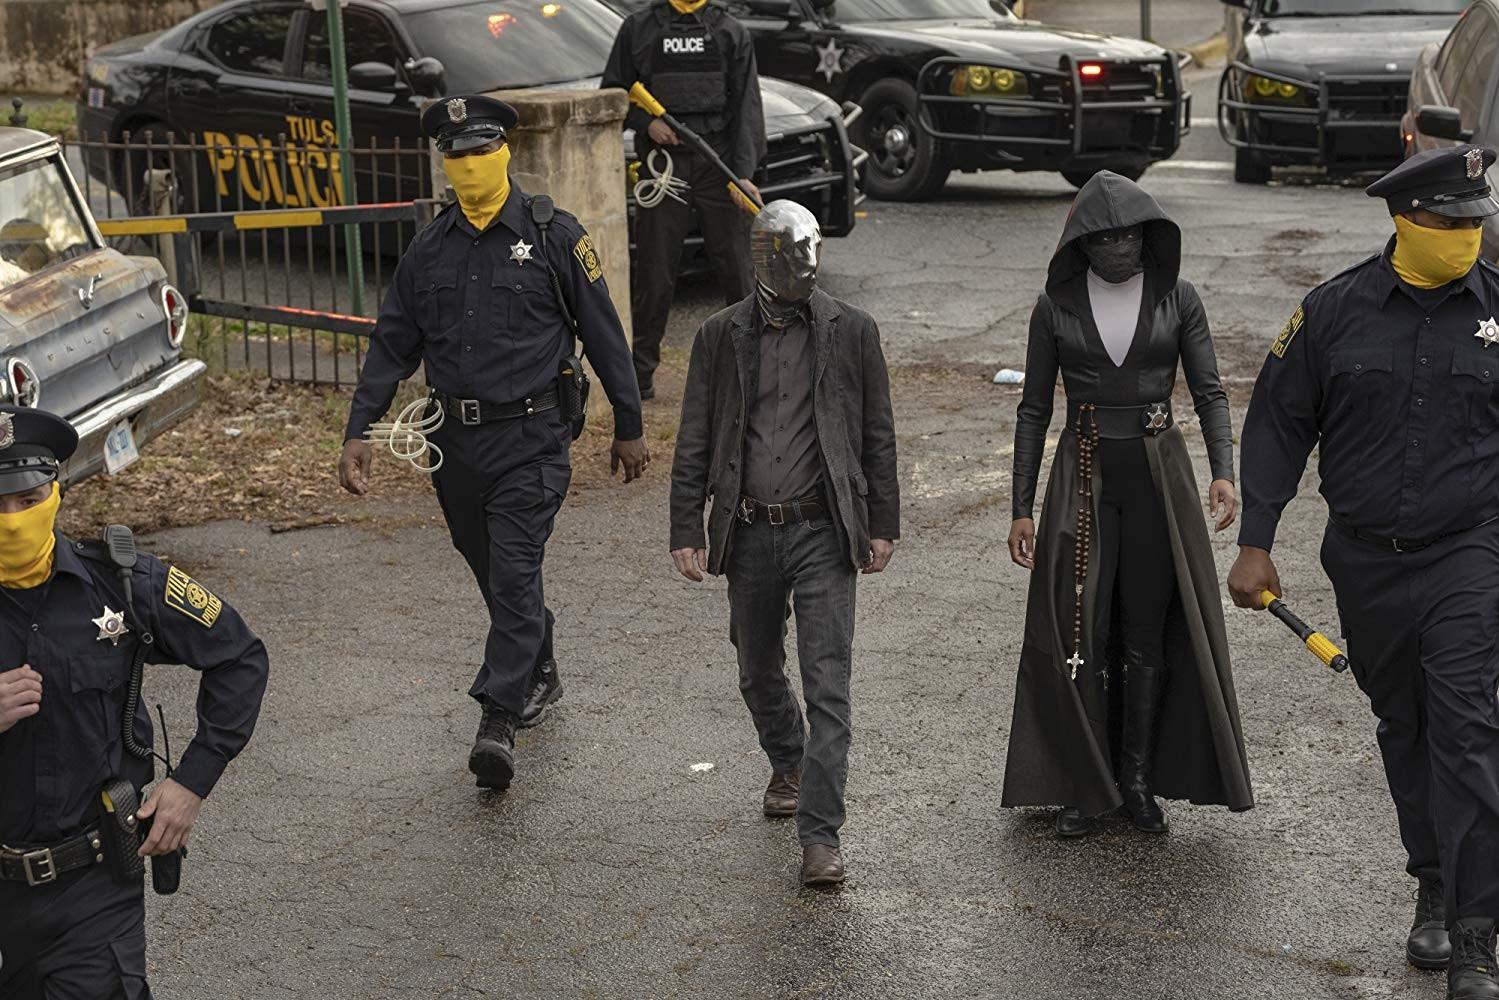 'Watchmen' moderniza universo da HQ ao discutir tensão racial em grande começo de série; G1 já viu - Notícias - Plantão Diário